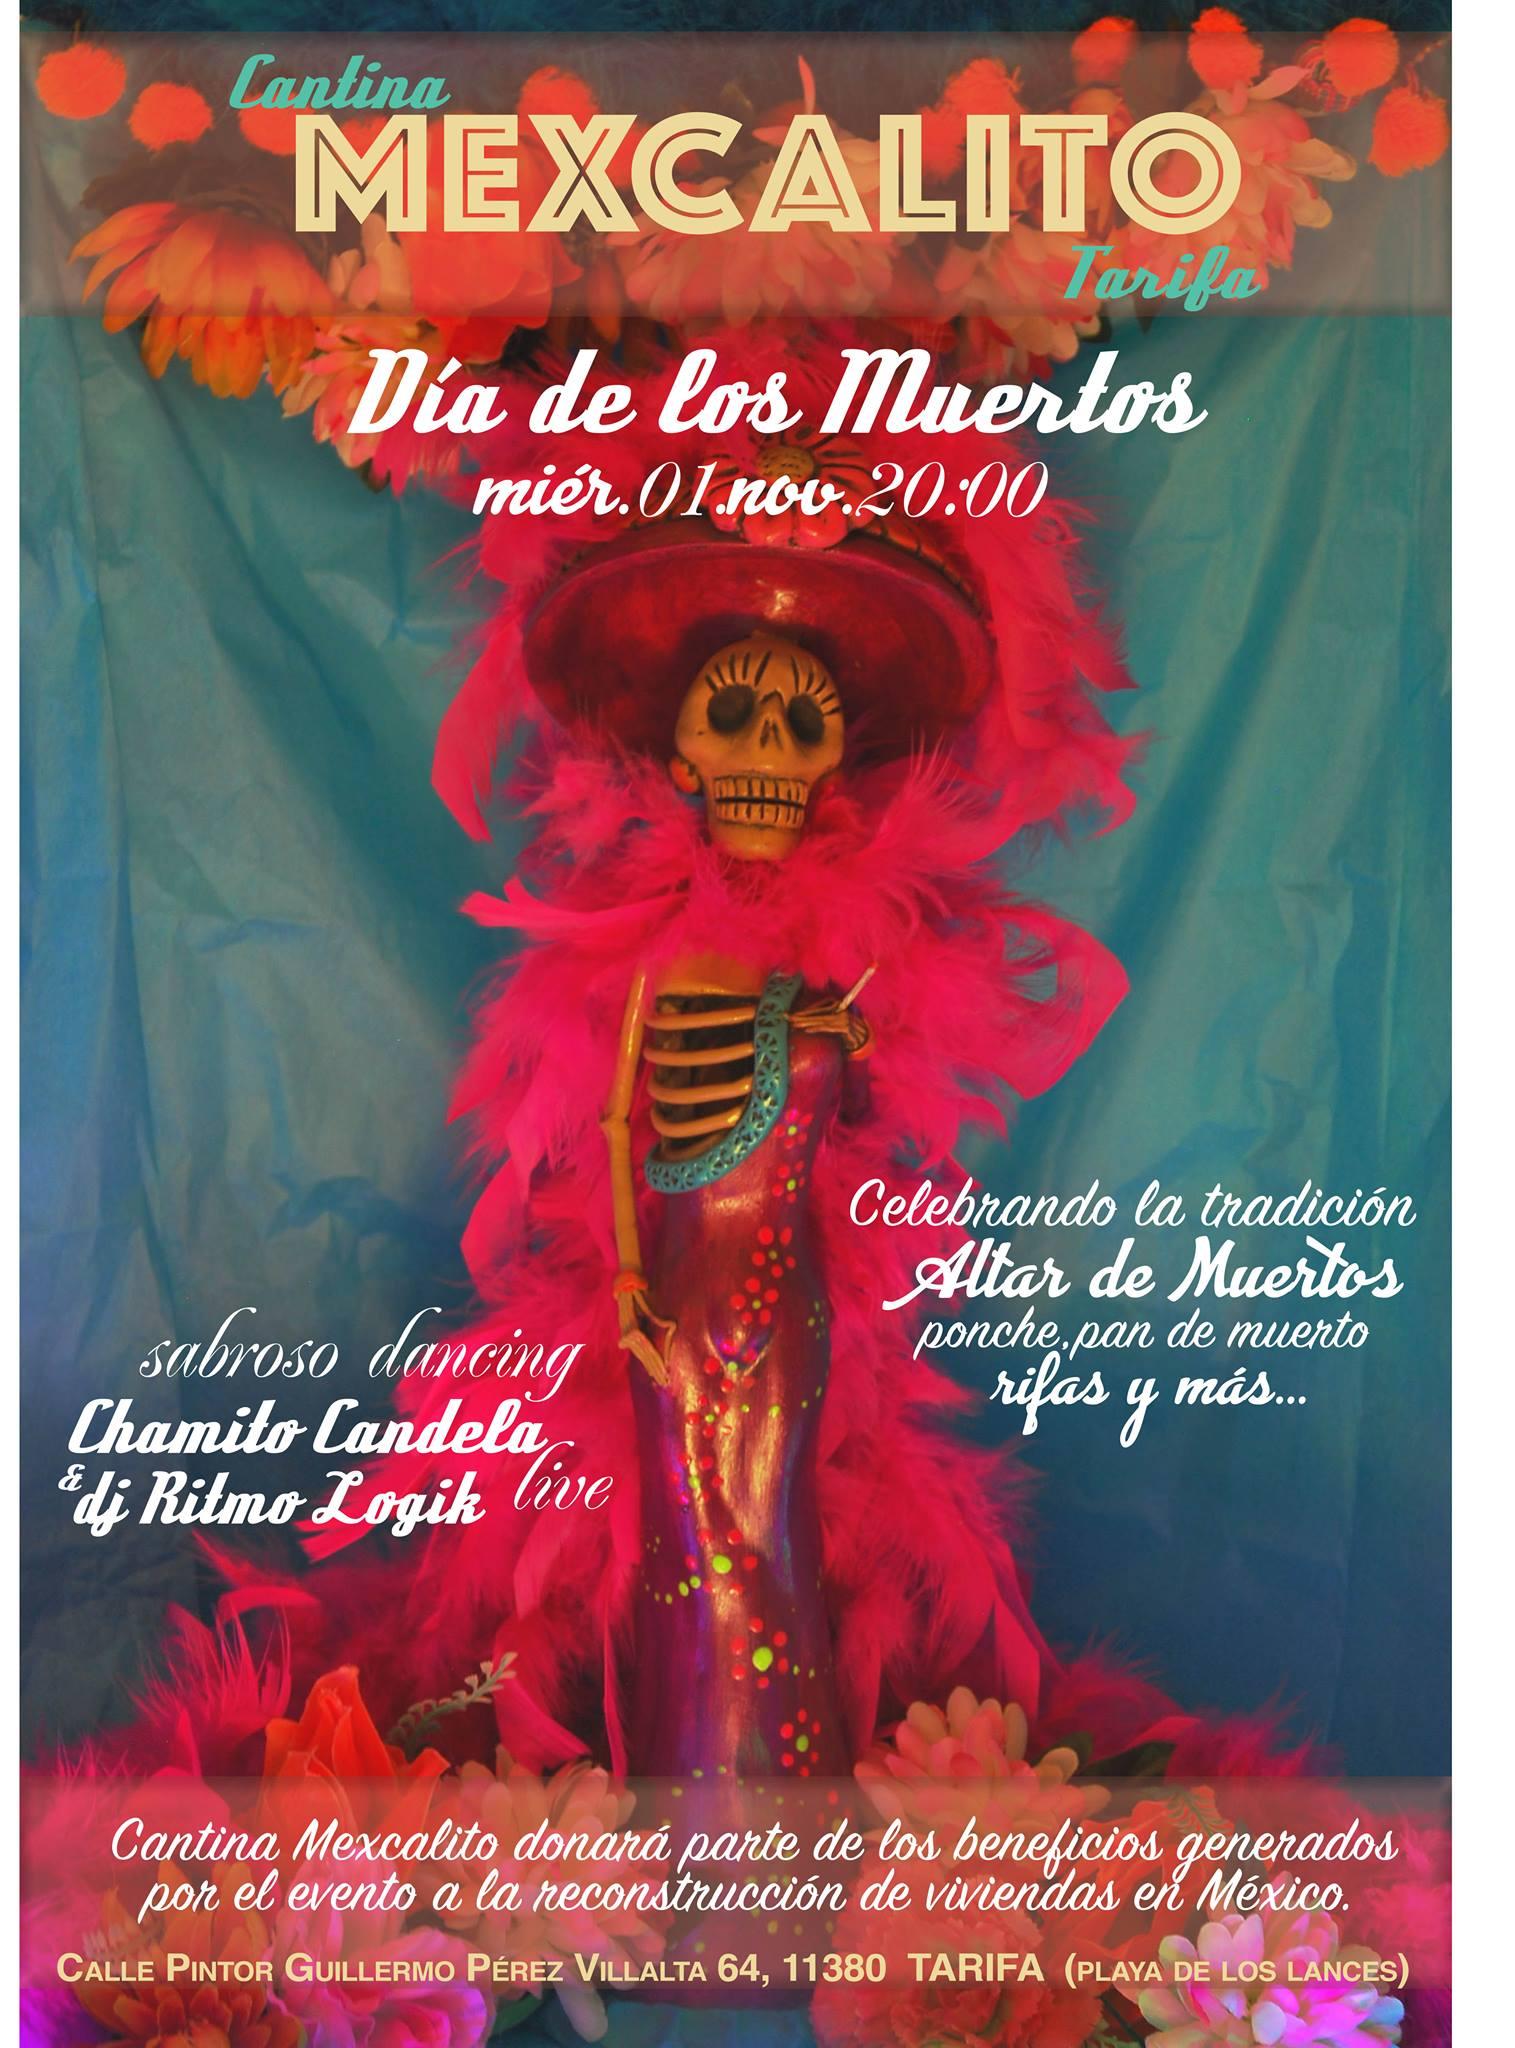 Día de los Muertos Cantina Mexcalito Tarifa